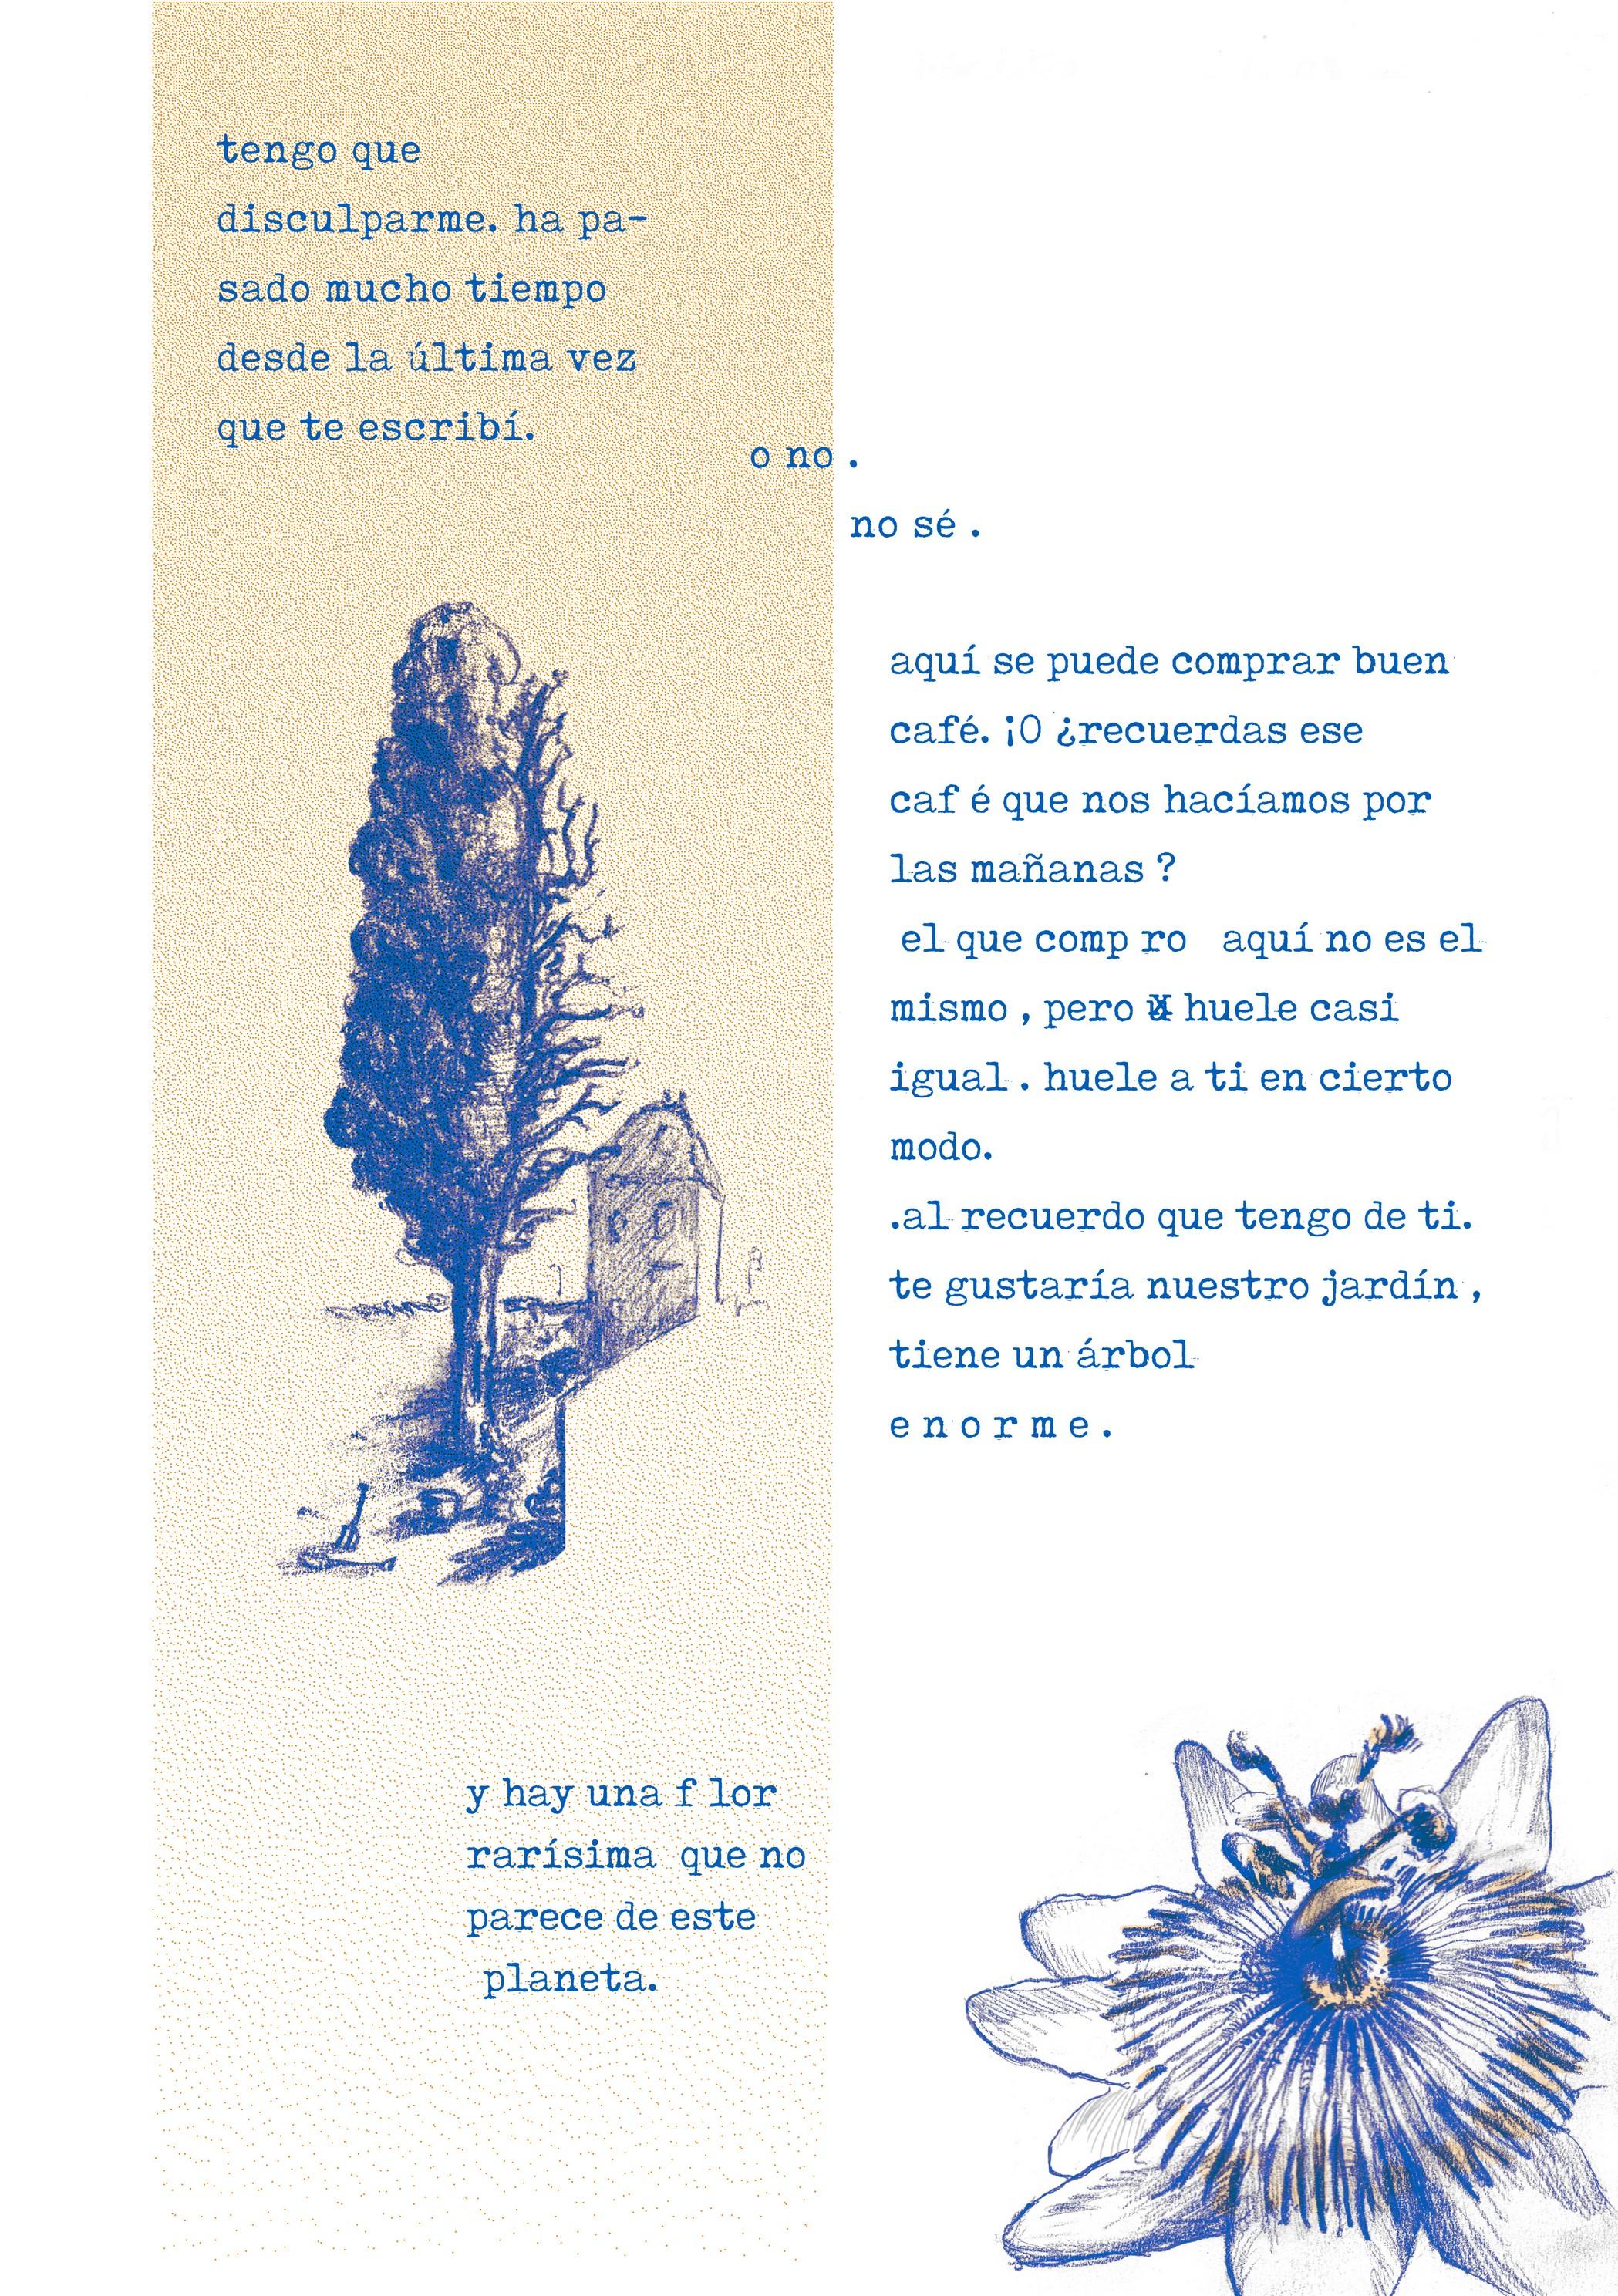 Hankar_XV_Miguel_Ángel_Martos_Porras_pagina00003